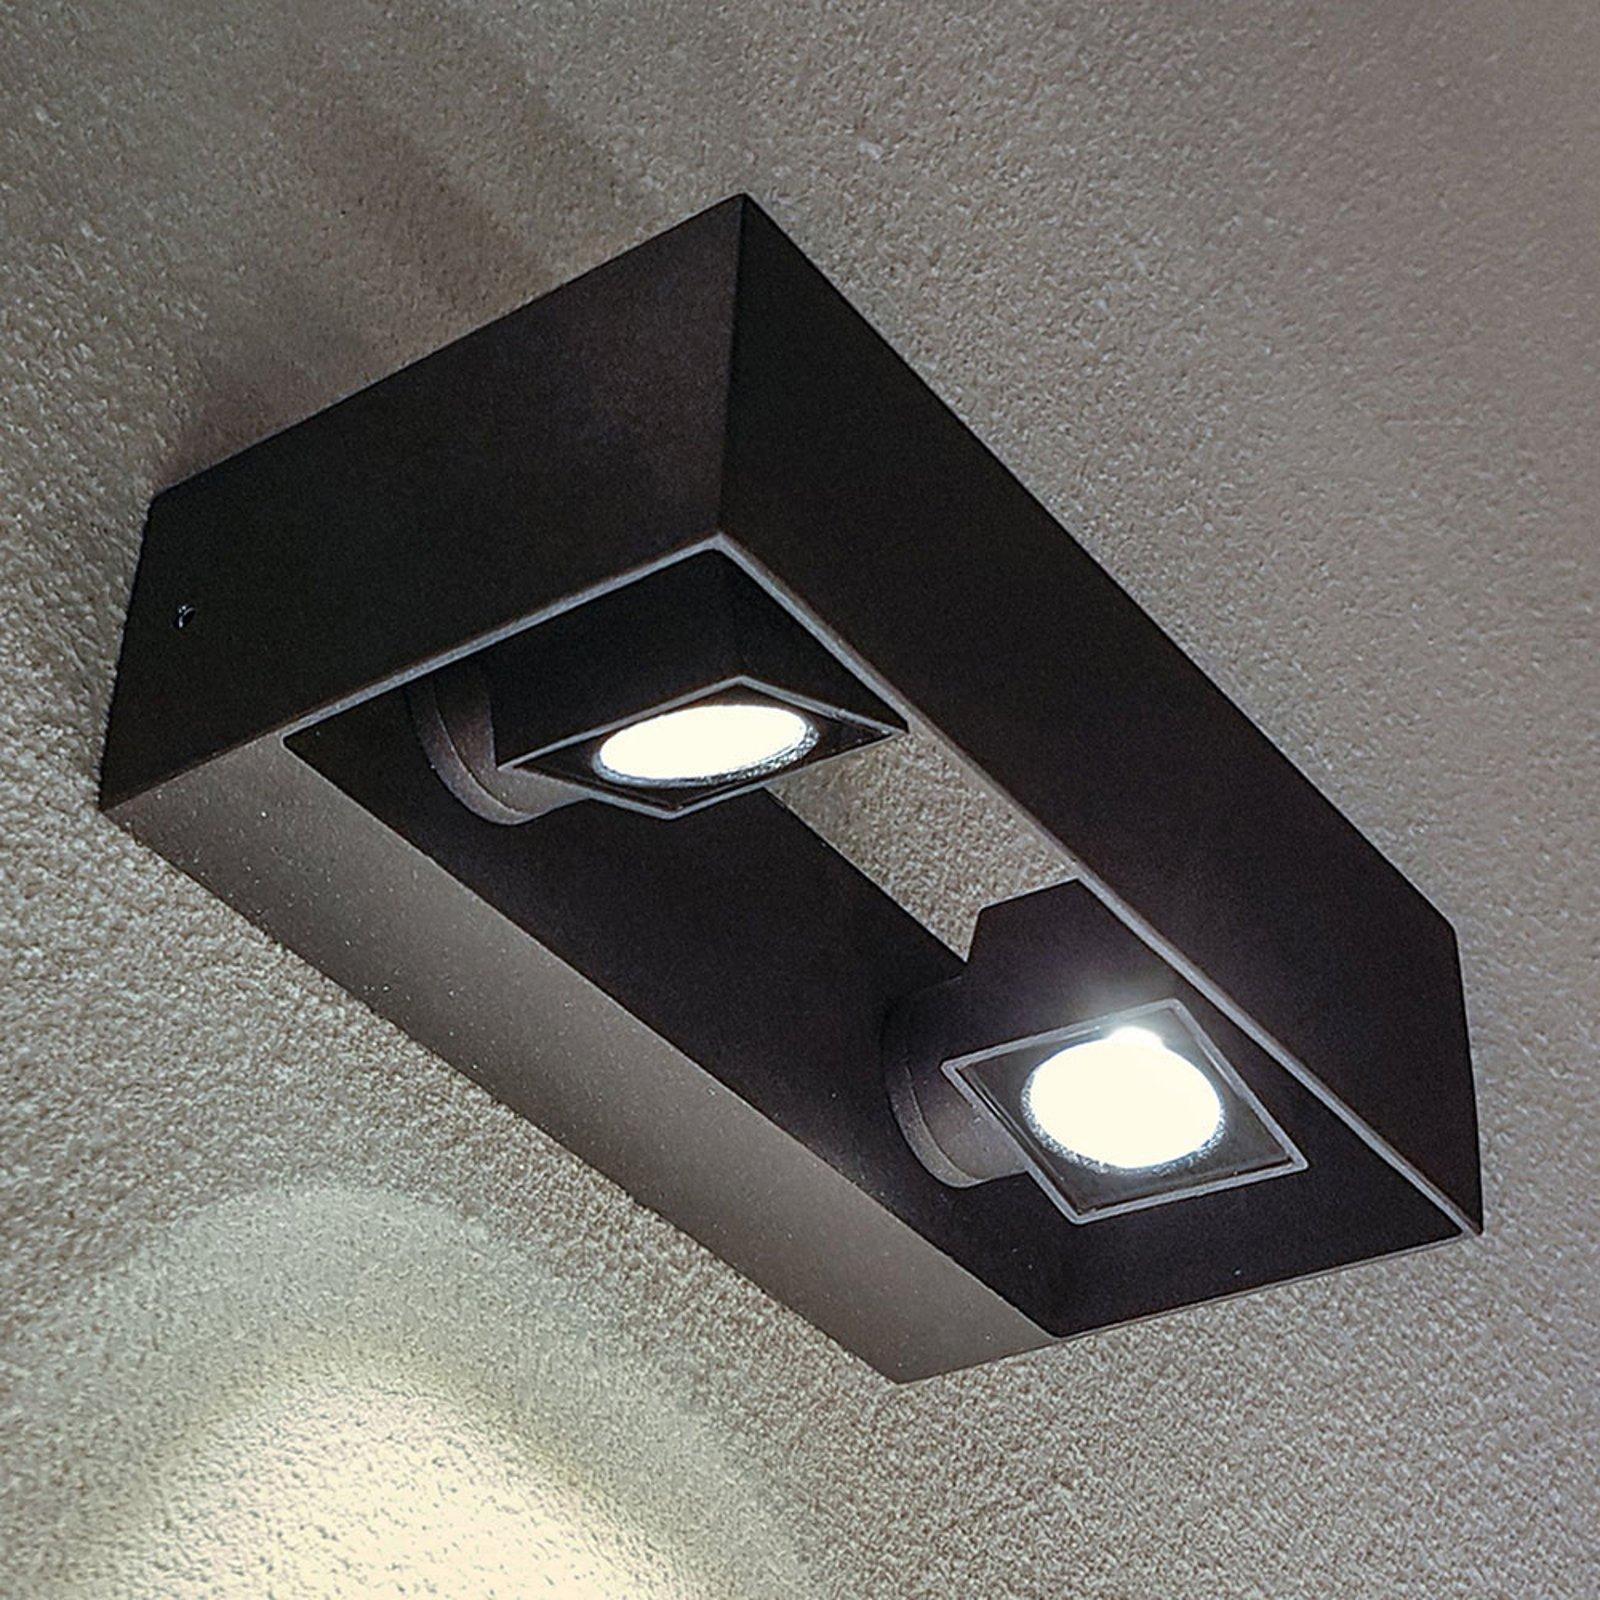 Utendørs LED-vegglampe Vigo, 2 lyskilder